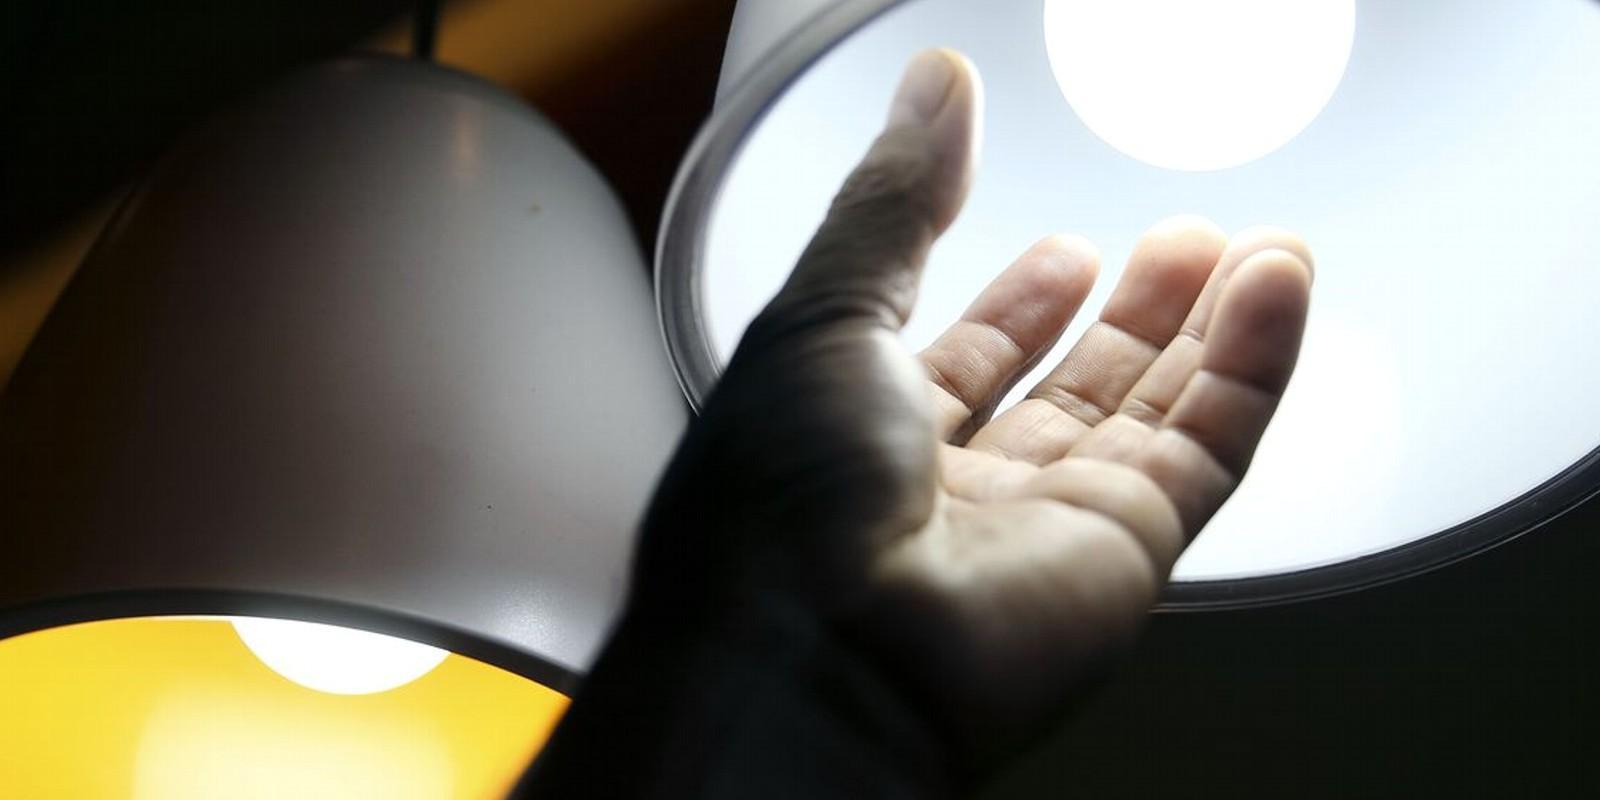 Contas de luz em São Paulo ficam mais caras a partir de quinta-feira